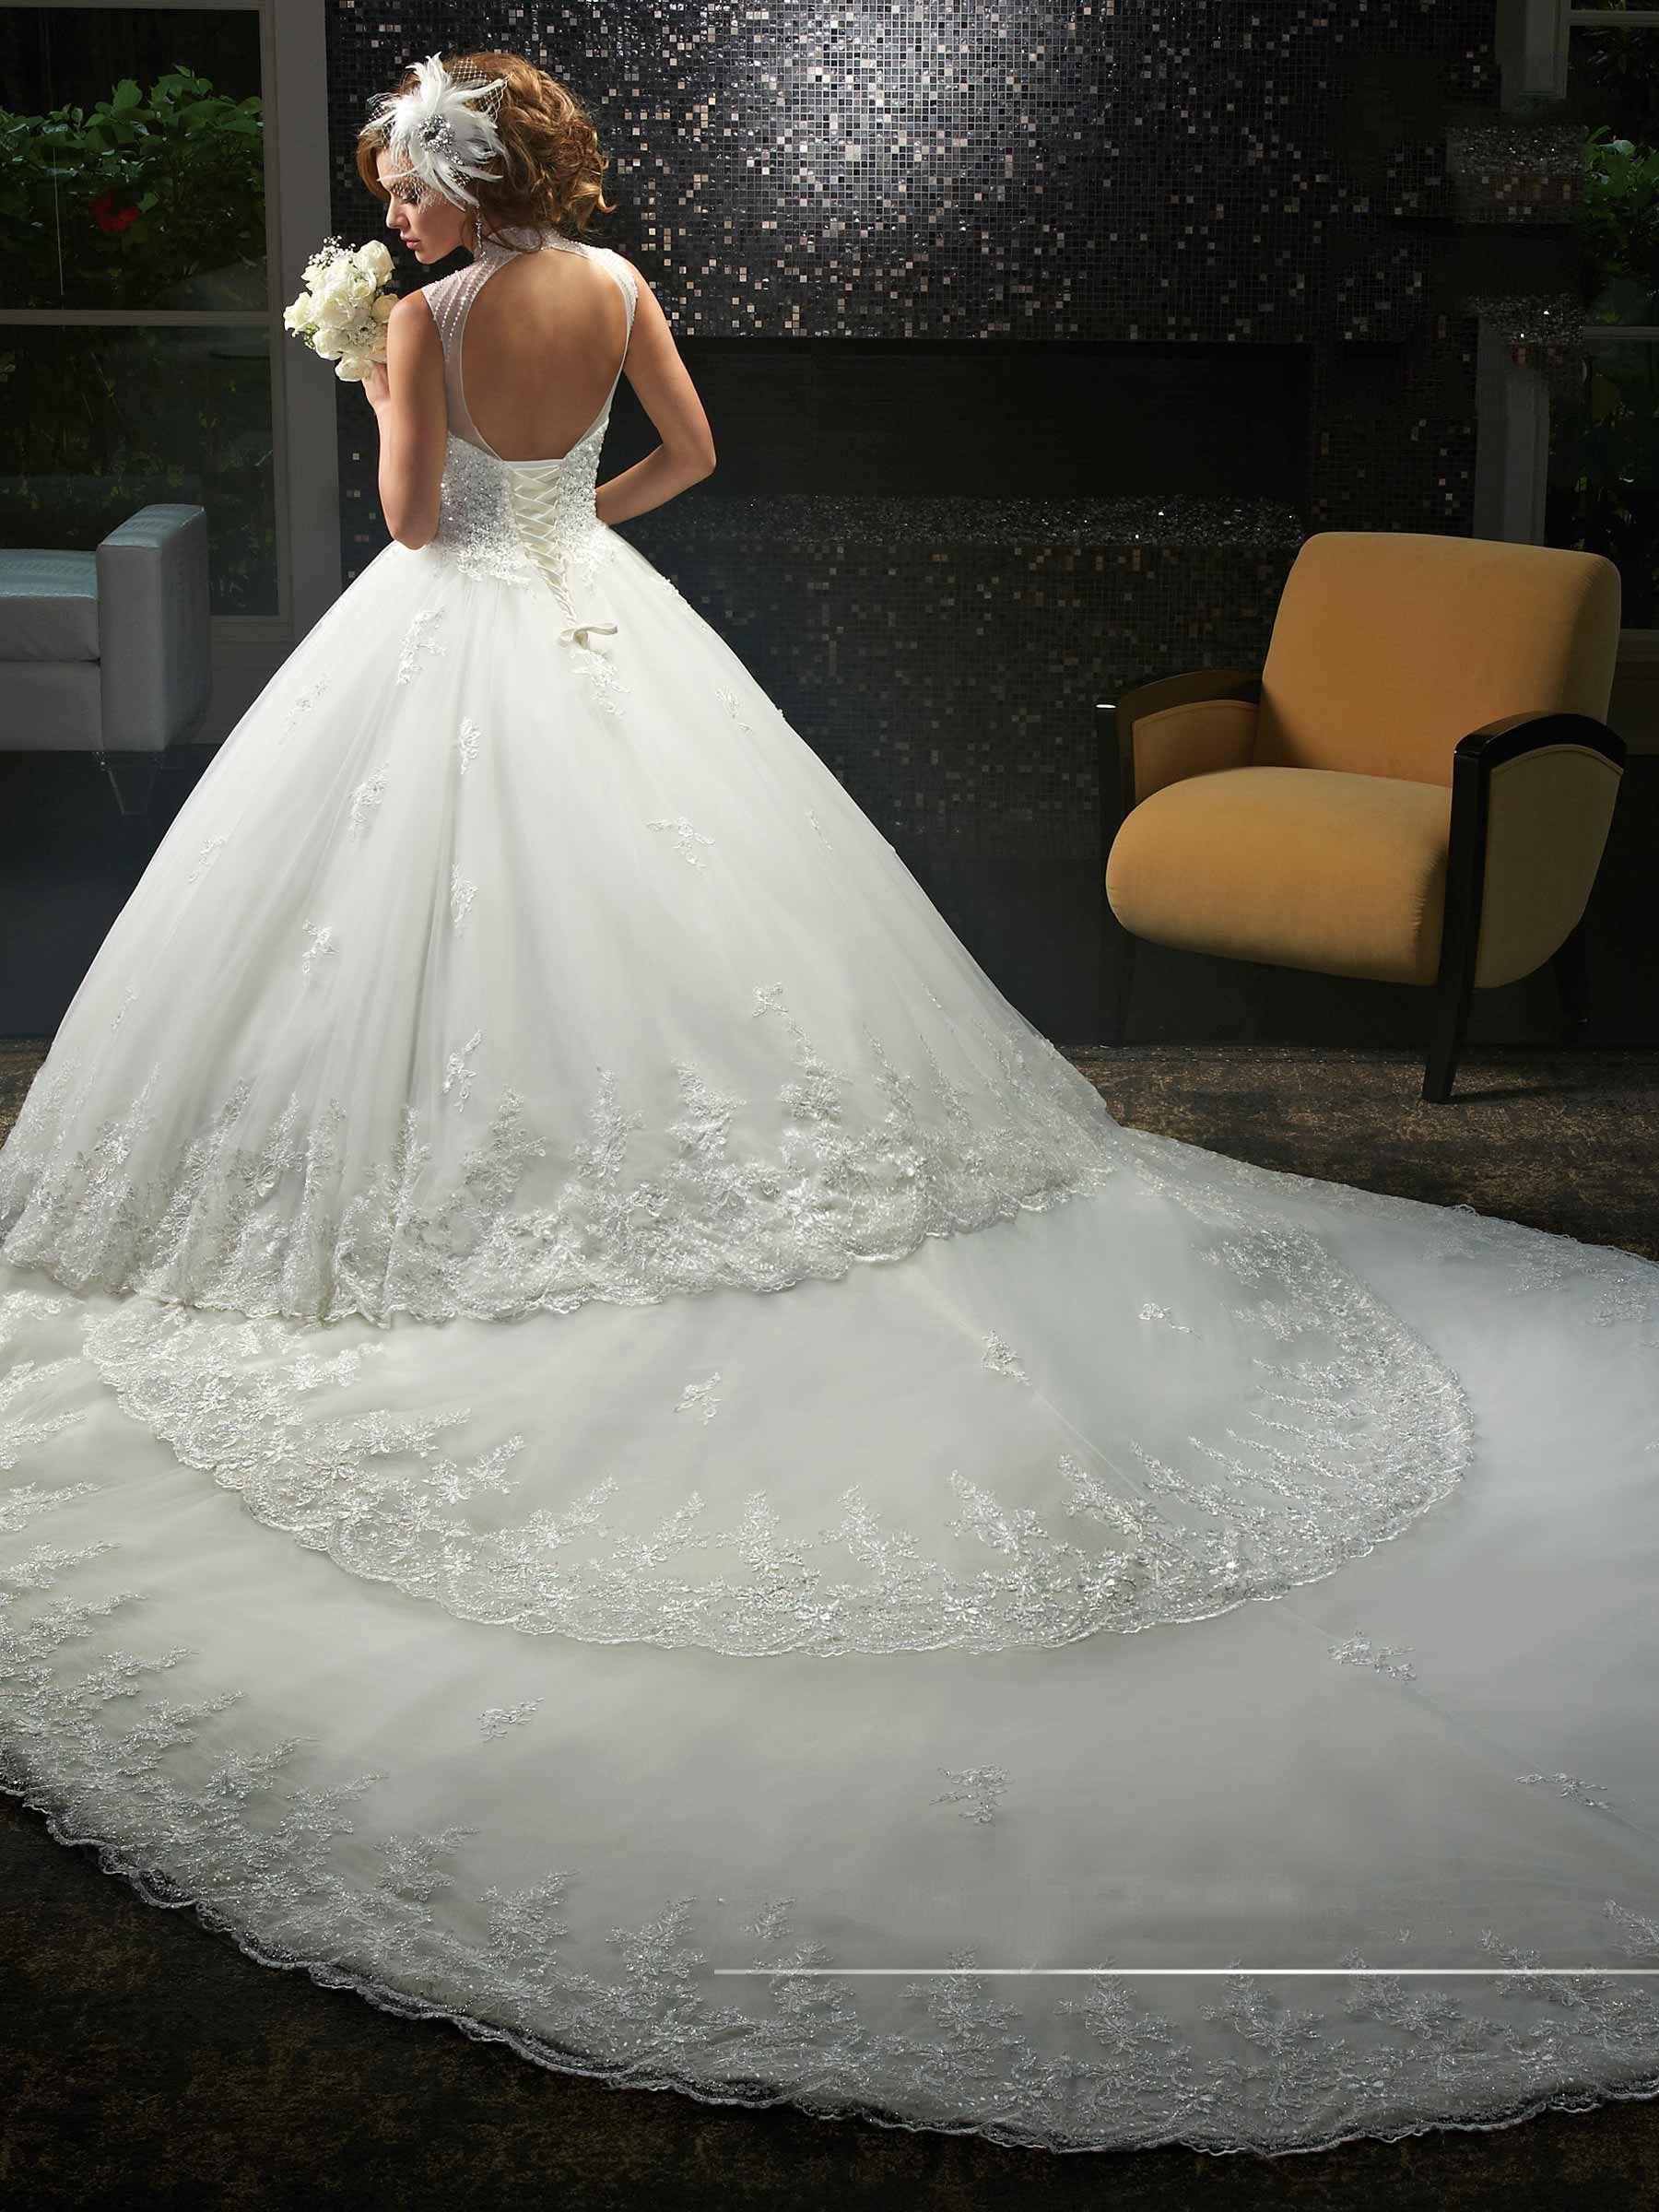 Principessa avorio applique perline cappella abiti da sposa abiti da spettacolo nuziale abiti da sposa abiti personalizzati taglia 2-16 KF913108 coda staccabile